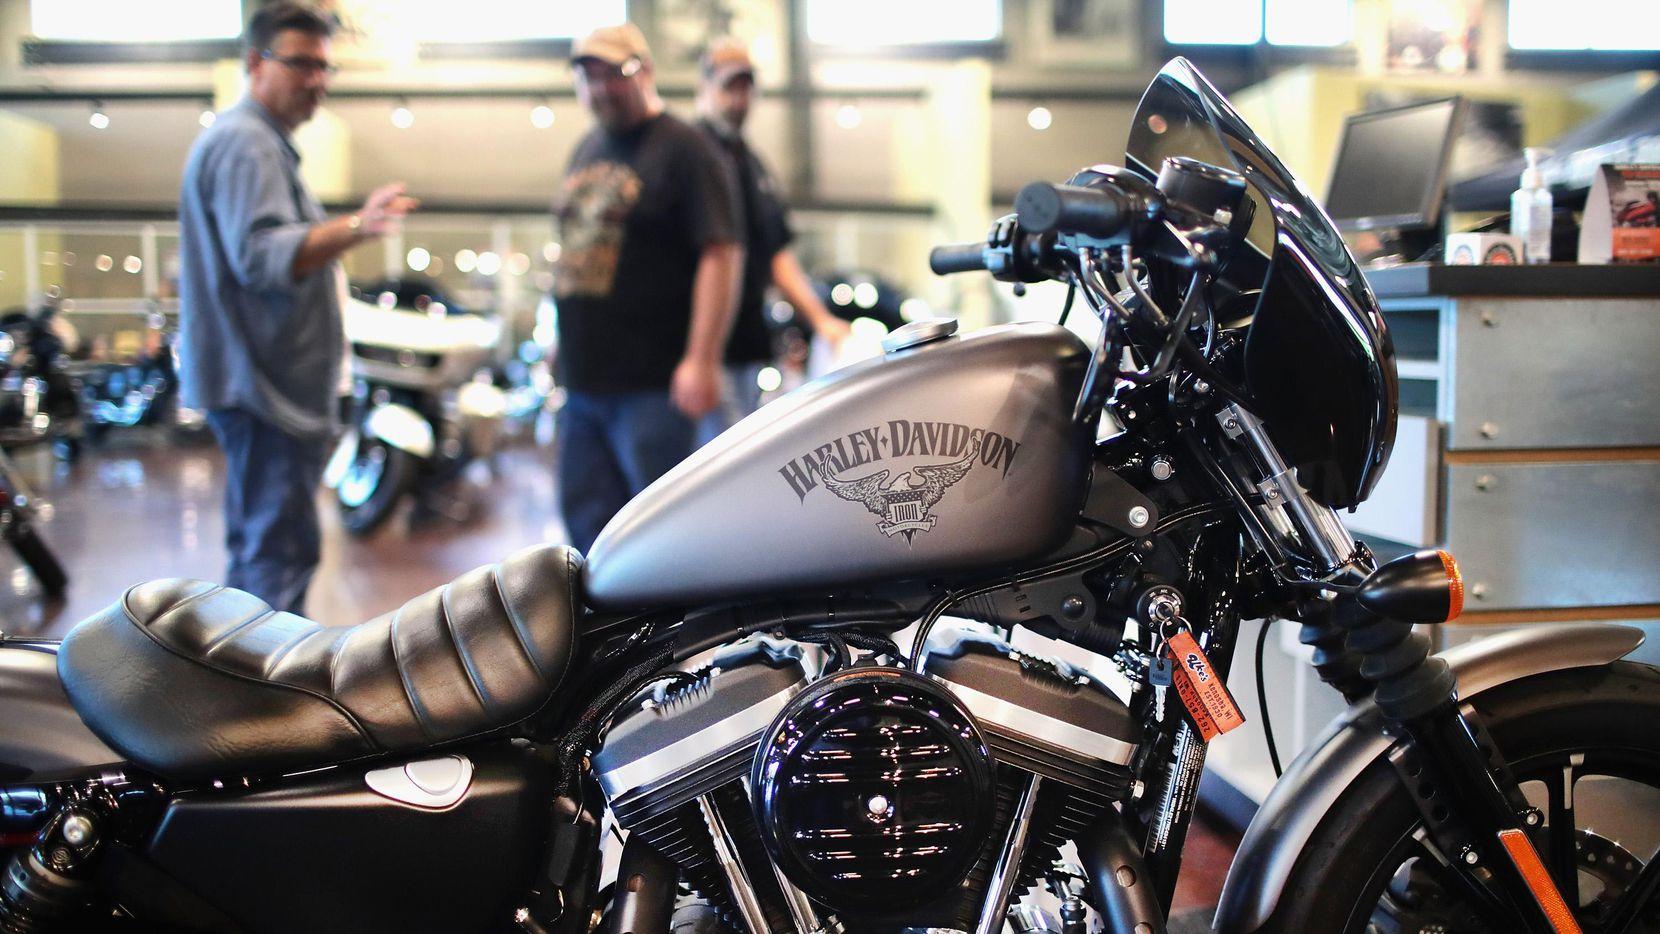 Una motocicleta de Harley-Davidson, manufacturada en Kenosha, Wisconsin, en una sala de exhibición.(GETTY IMAGES)